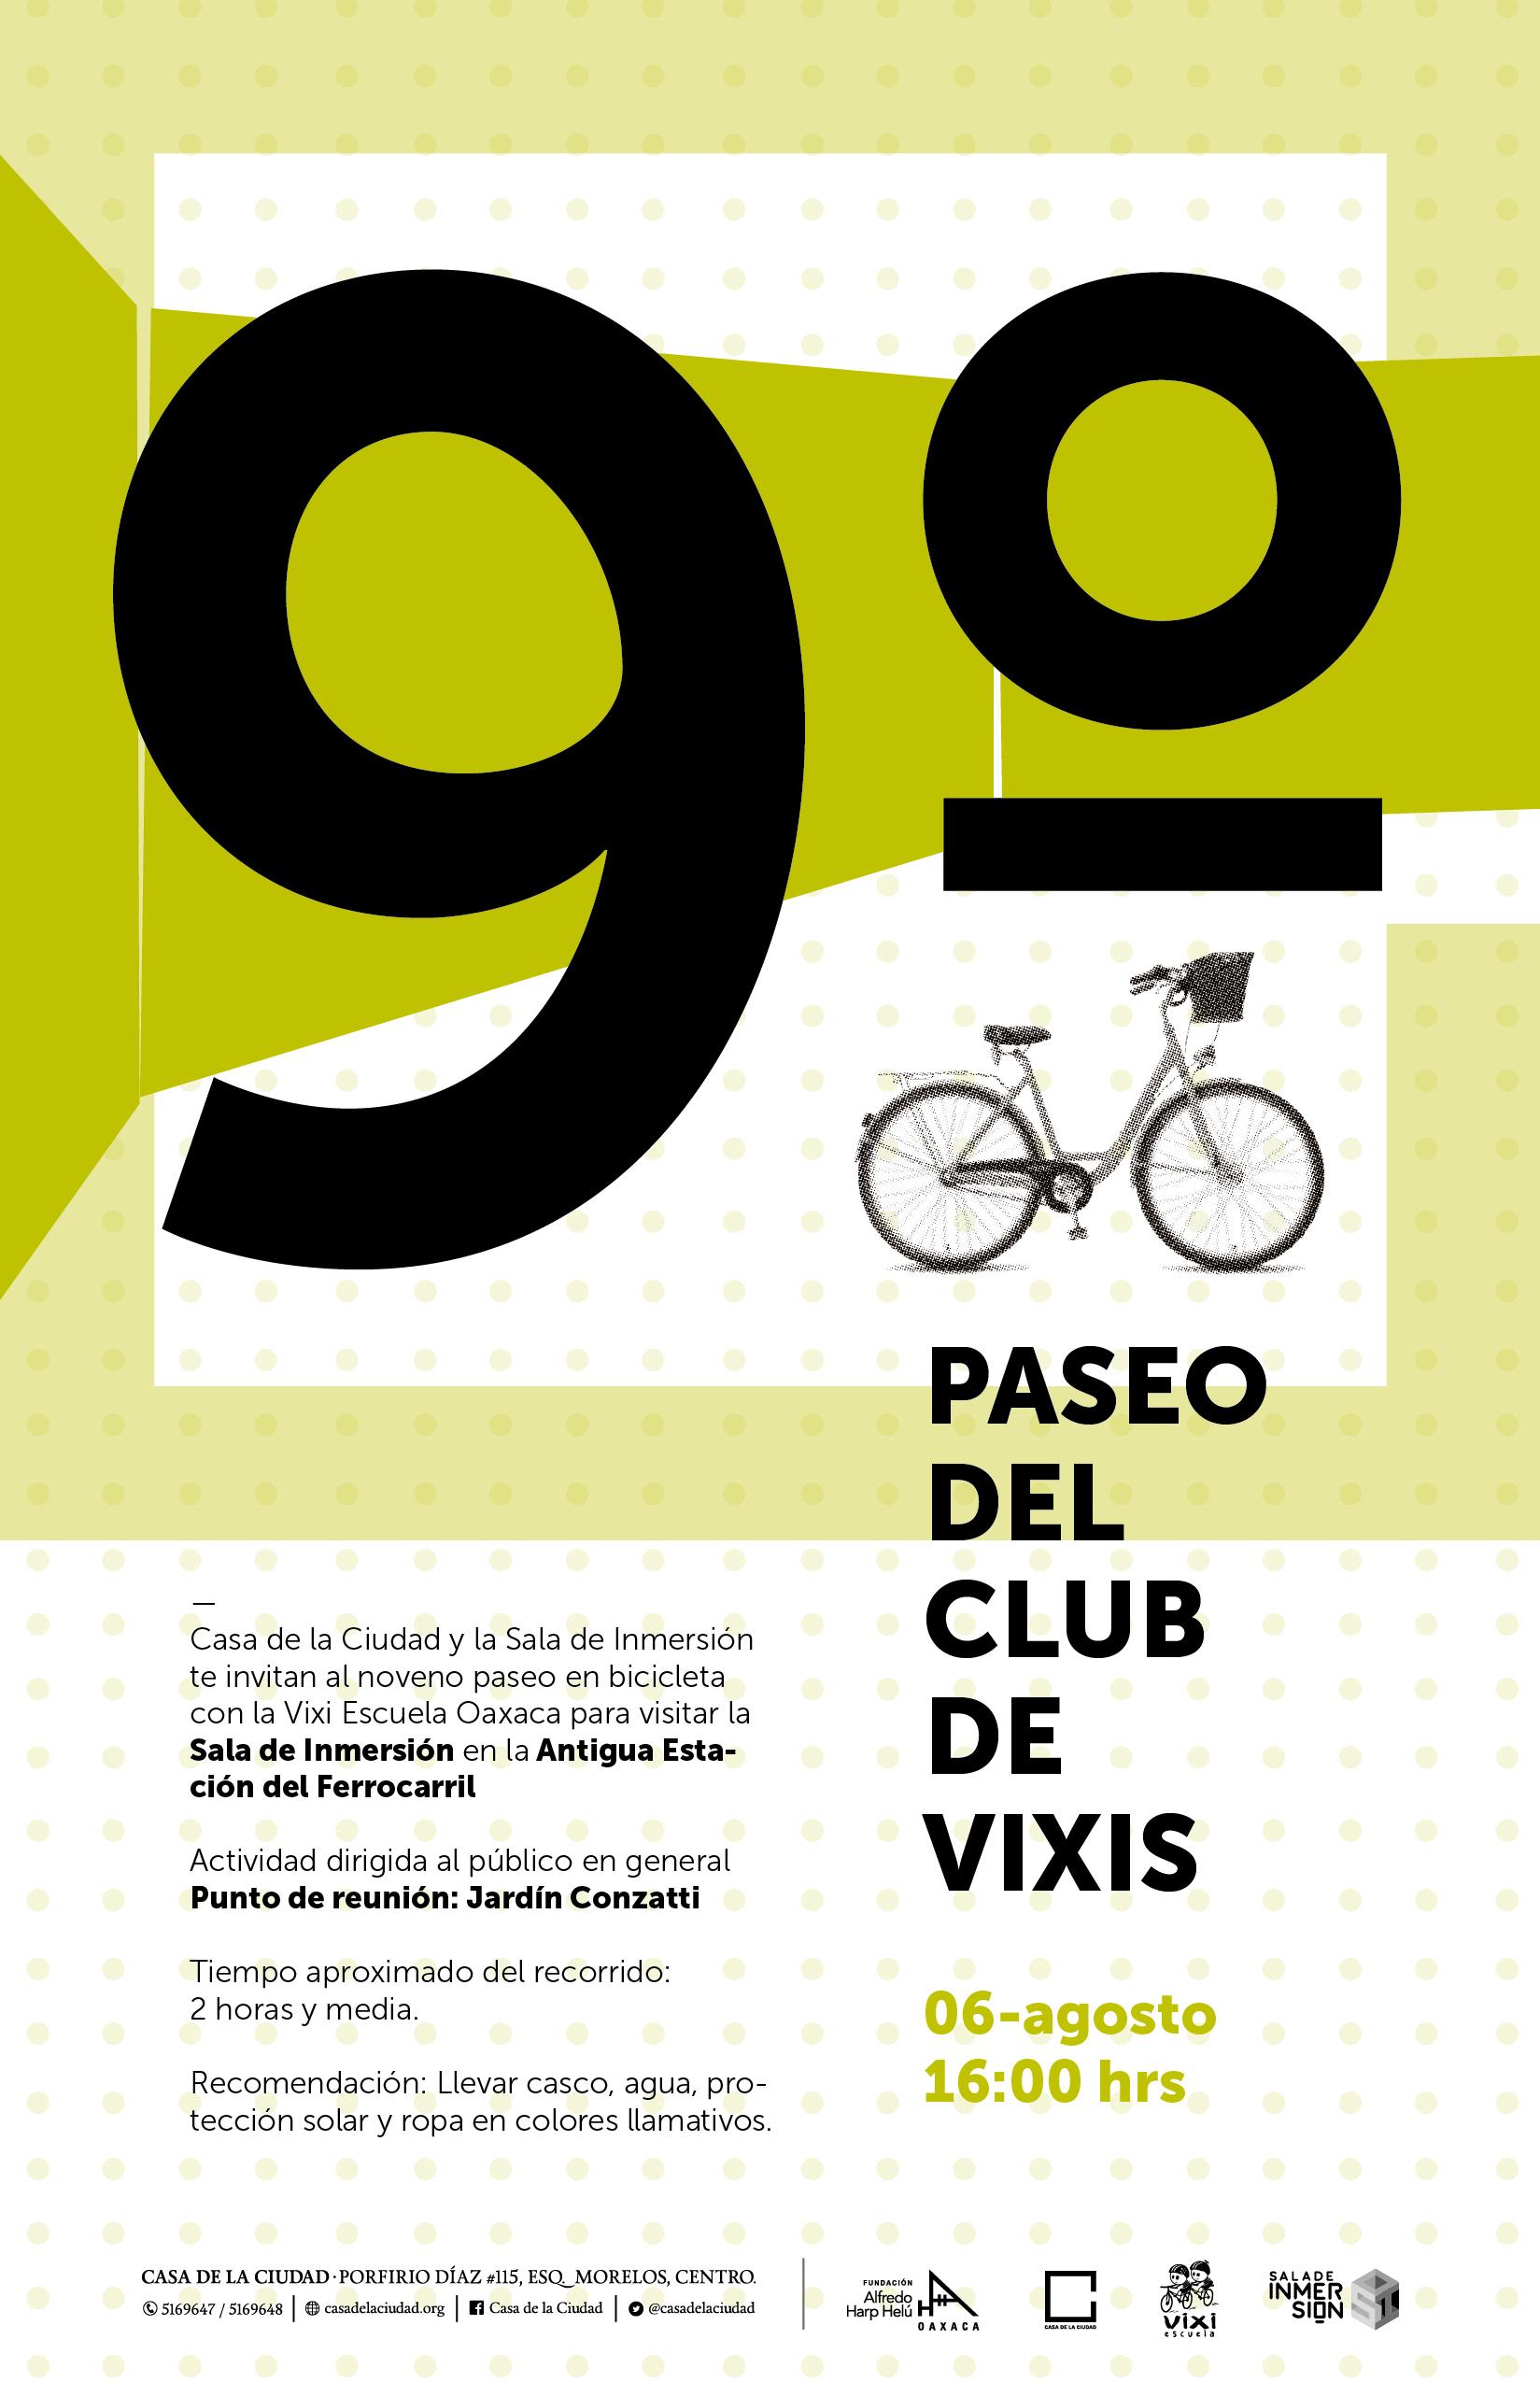 9º PASEO DEL CLUB DE VIXIS